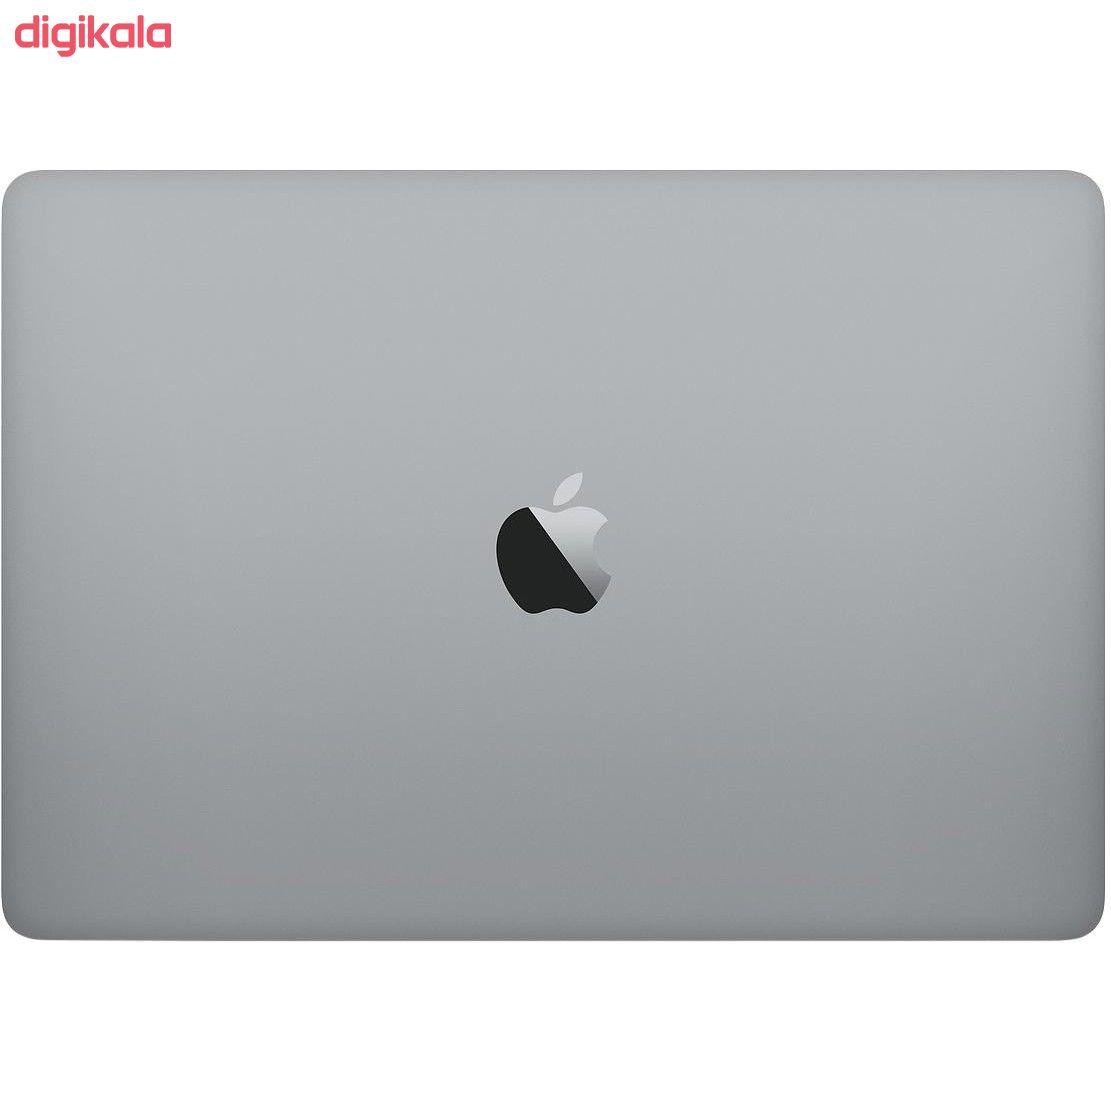 لپ تاپ 13 اینچی اپل مدل MacBook Pro MXK32 2020 همراه با تاچ بار  main 1 4